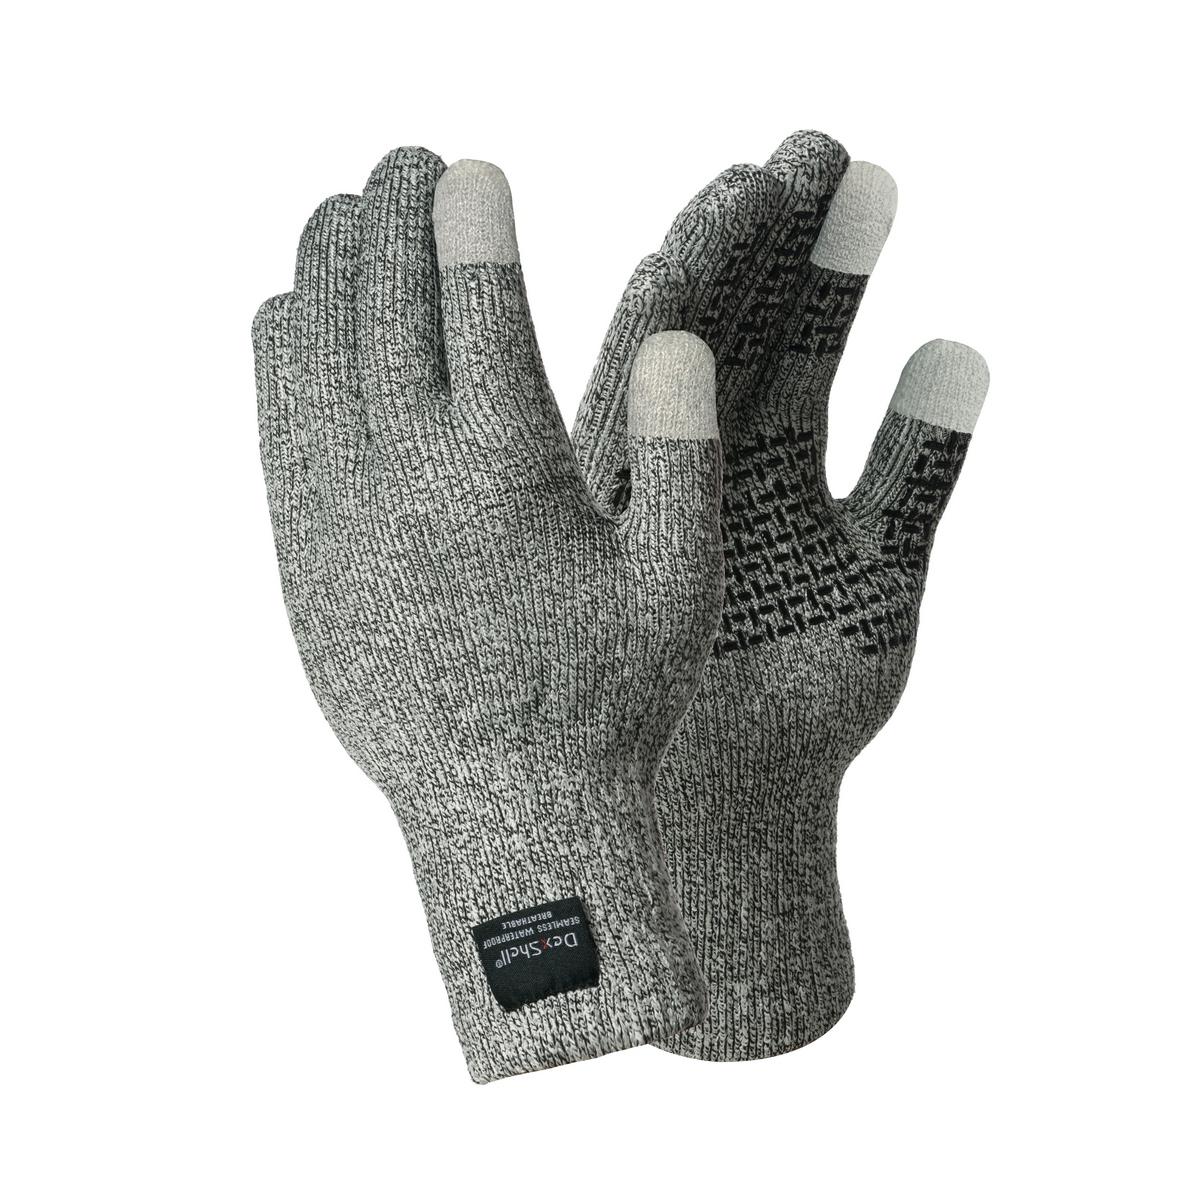 Водонепроницаемые перчатки DexShell TechShield Перчатки<br>Описание водонепроницаемых перчаток DexShell <br>TechShield Gloves DG478TS: Компания Dexshell идет в ногу <br>со временем и предлагает качественные непромокаемые <br>перчатки TechShield DG478TS с сенсорными накладками. <br>Эти перчатки совершенно не пропускают воду, <br>благодаря чему их удобно использовать на <br>рыбалке или же при выполнении любых работ, <br>подразумевающих постоянный контакт с водой. <br>Они также предлагают защиту от порезов <br>и, конечно же, от холода. А учитывая широкое <br>распространение технологий, перчатки оставляют <br>возможность для управления любыми устройствами <br>с сенсорным экраном. Особенности материалов, <br>из которых они пошиты, полностью объясняют <br>уникальные свойства этих перчаток. TechShield <br>DG478TS изготовлены сразу из трех слоев материалов. <br>За водонепроницаемость отвечает мембрана <br>Porelle®, производство которой осуществляется <br>в Великобритании. Сквозь такую мембрану <br>любая жидкость может проходить исключительно <br>в одном направлении. Поэтому TechShield не промокают <br>даже если руки полностью погрузить в воду. <br>Зато пот от кожи легко и быстро отводится <br>наружу. А вот циркуляции воздуха мембрана <br>не препятствует и руки в перчатках чувствуют <br>себя абсолютно комфортно. С обеих сторон <br>мембрана закрыта не менее важными по функциональности <br>материалами. Изнутри это деликатная на <br>ощупь ткань 80% состава которой приходится <br>на Coolmax — волокно с антибактериальным эффектом. <br>Также в состав ткани включены нейлон, эластик <br>и спандекс. Снаружи мембрана закрыта чрезвычайно <br>прочным материалом на основе волокон Dyneema <br>и нейлона. Сочетание этих волокон образует <br>«меланжевую» ткань, которая наделена прочностью <br>на растяжение и в состоянии защитить руки <br>даже от скользящих порезов. На поверхность <br>перчаток со стороны ладони нанесено противоскользащее <br>покрытие, благодаря которому захват становится <br>